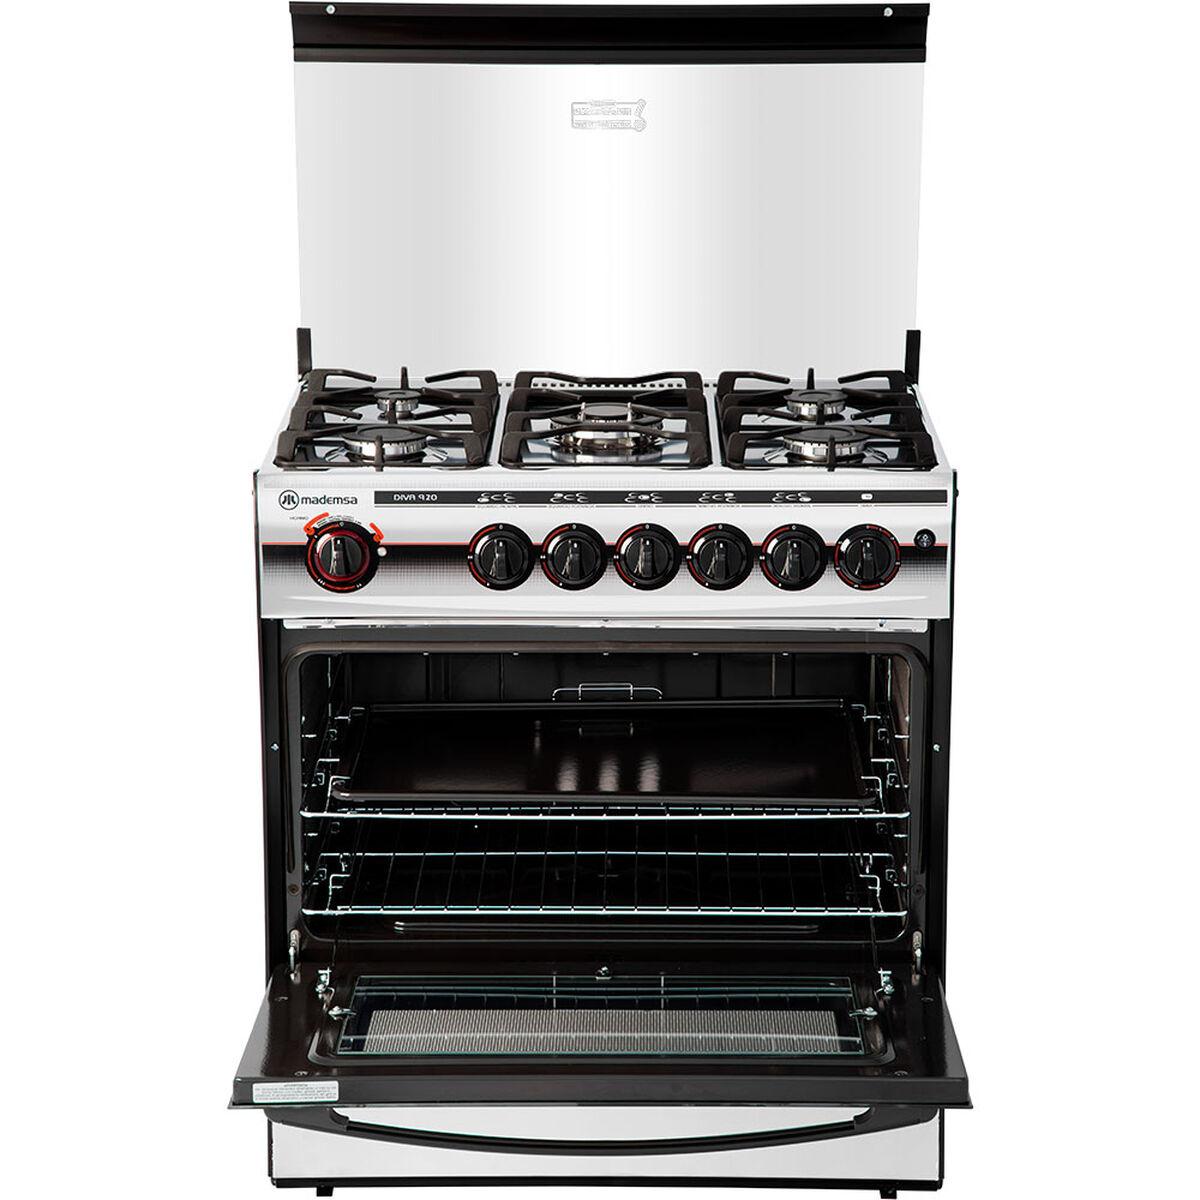 Cocina a Gas Mademsa Diva 920 5 Quemadores